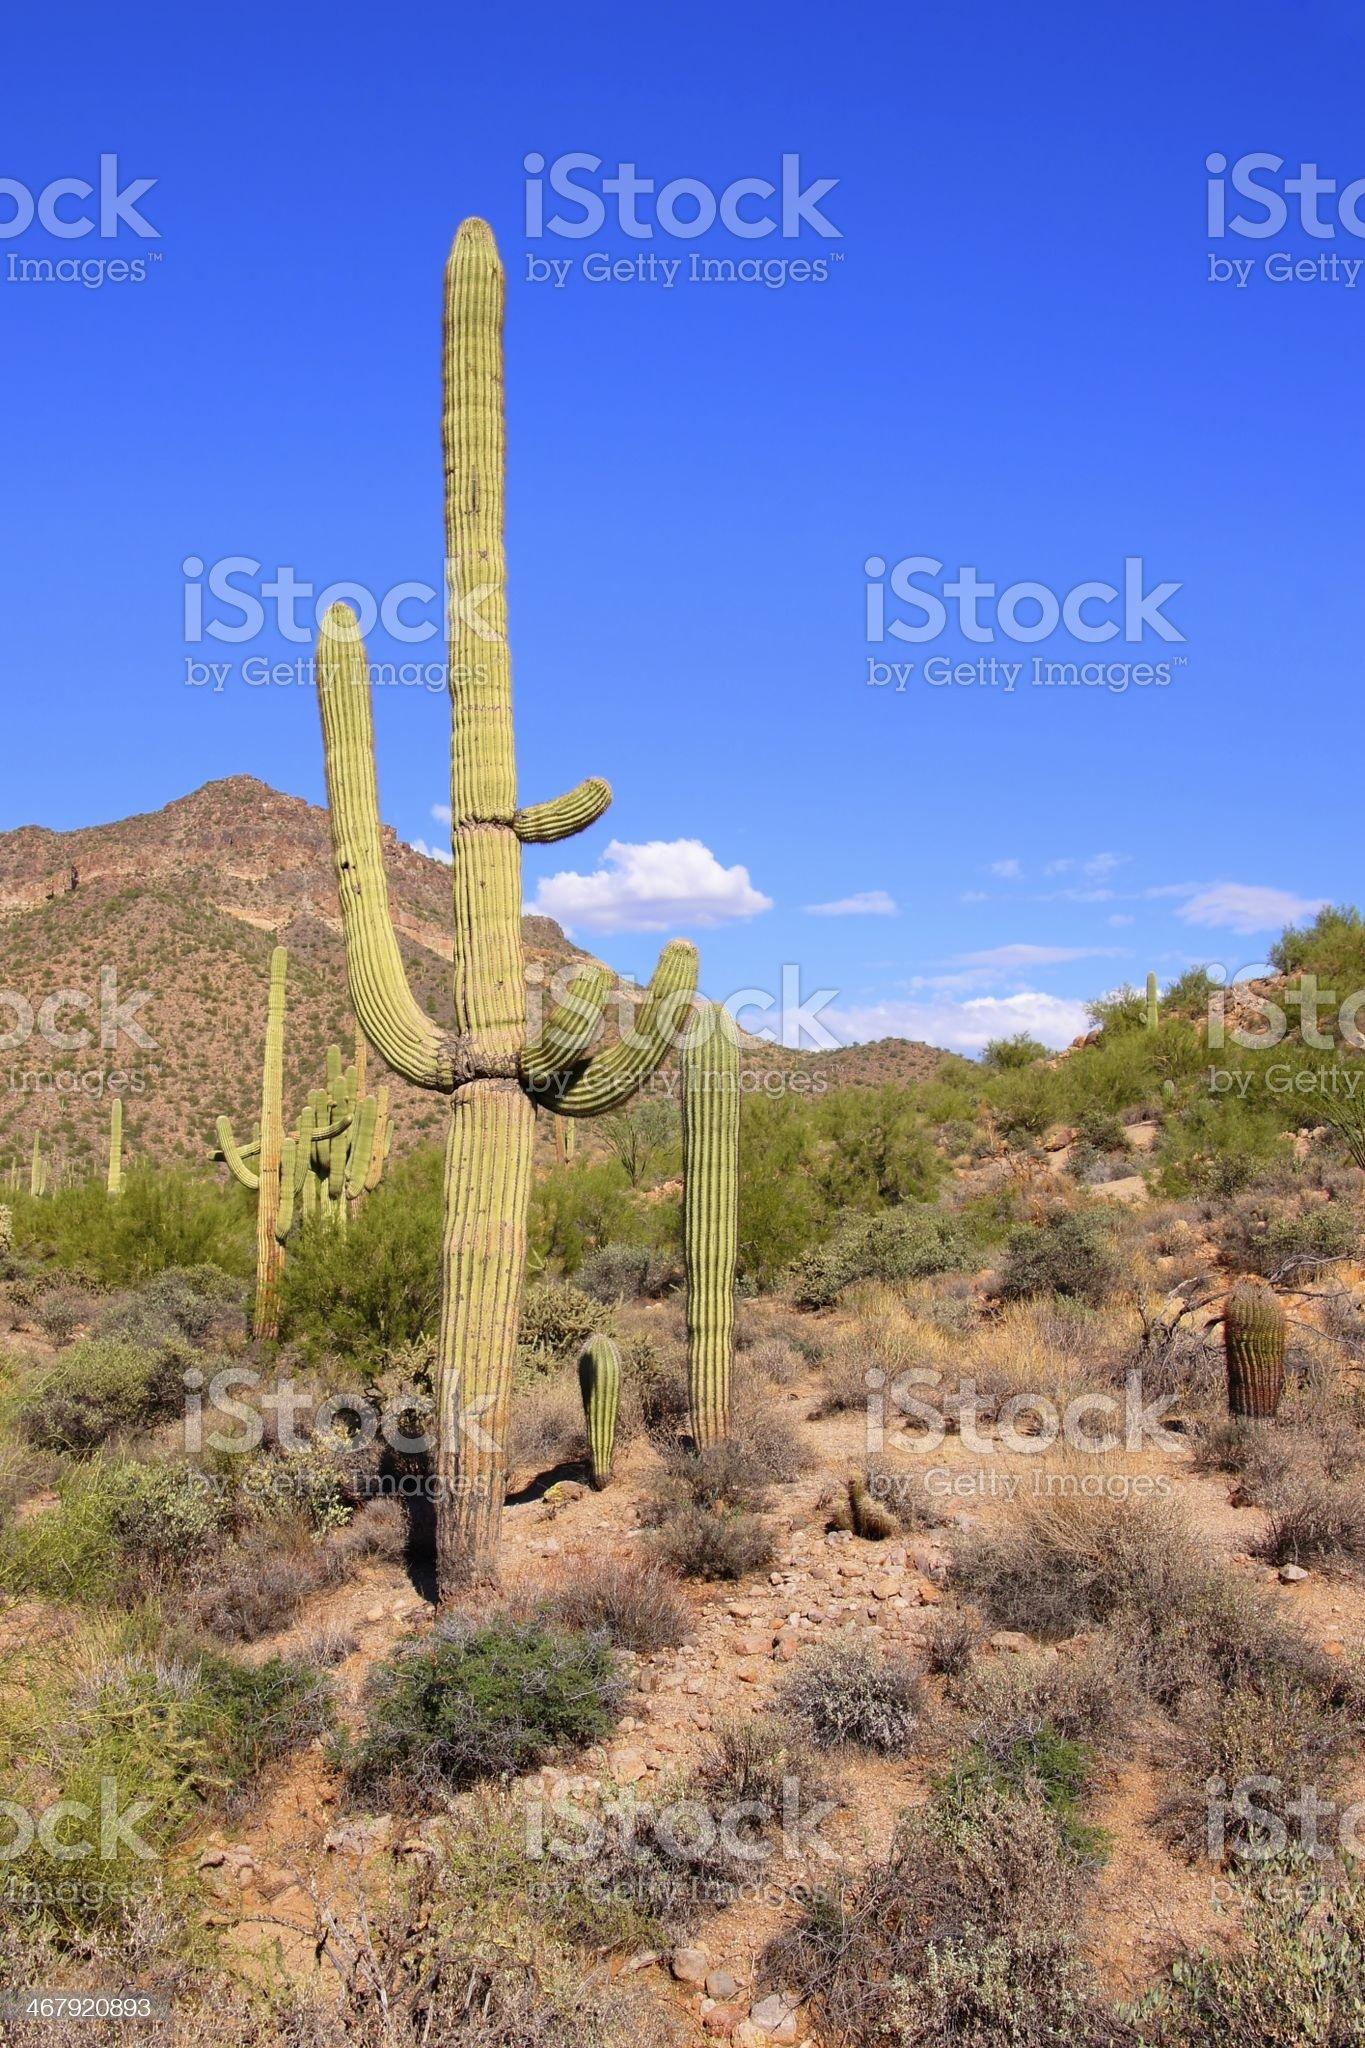 Arizona desert view with giant saguaro cactus royalty-free stock photo